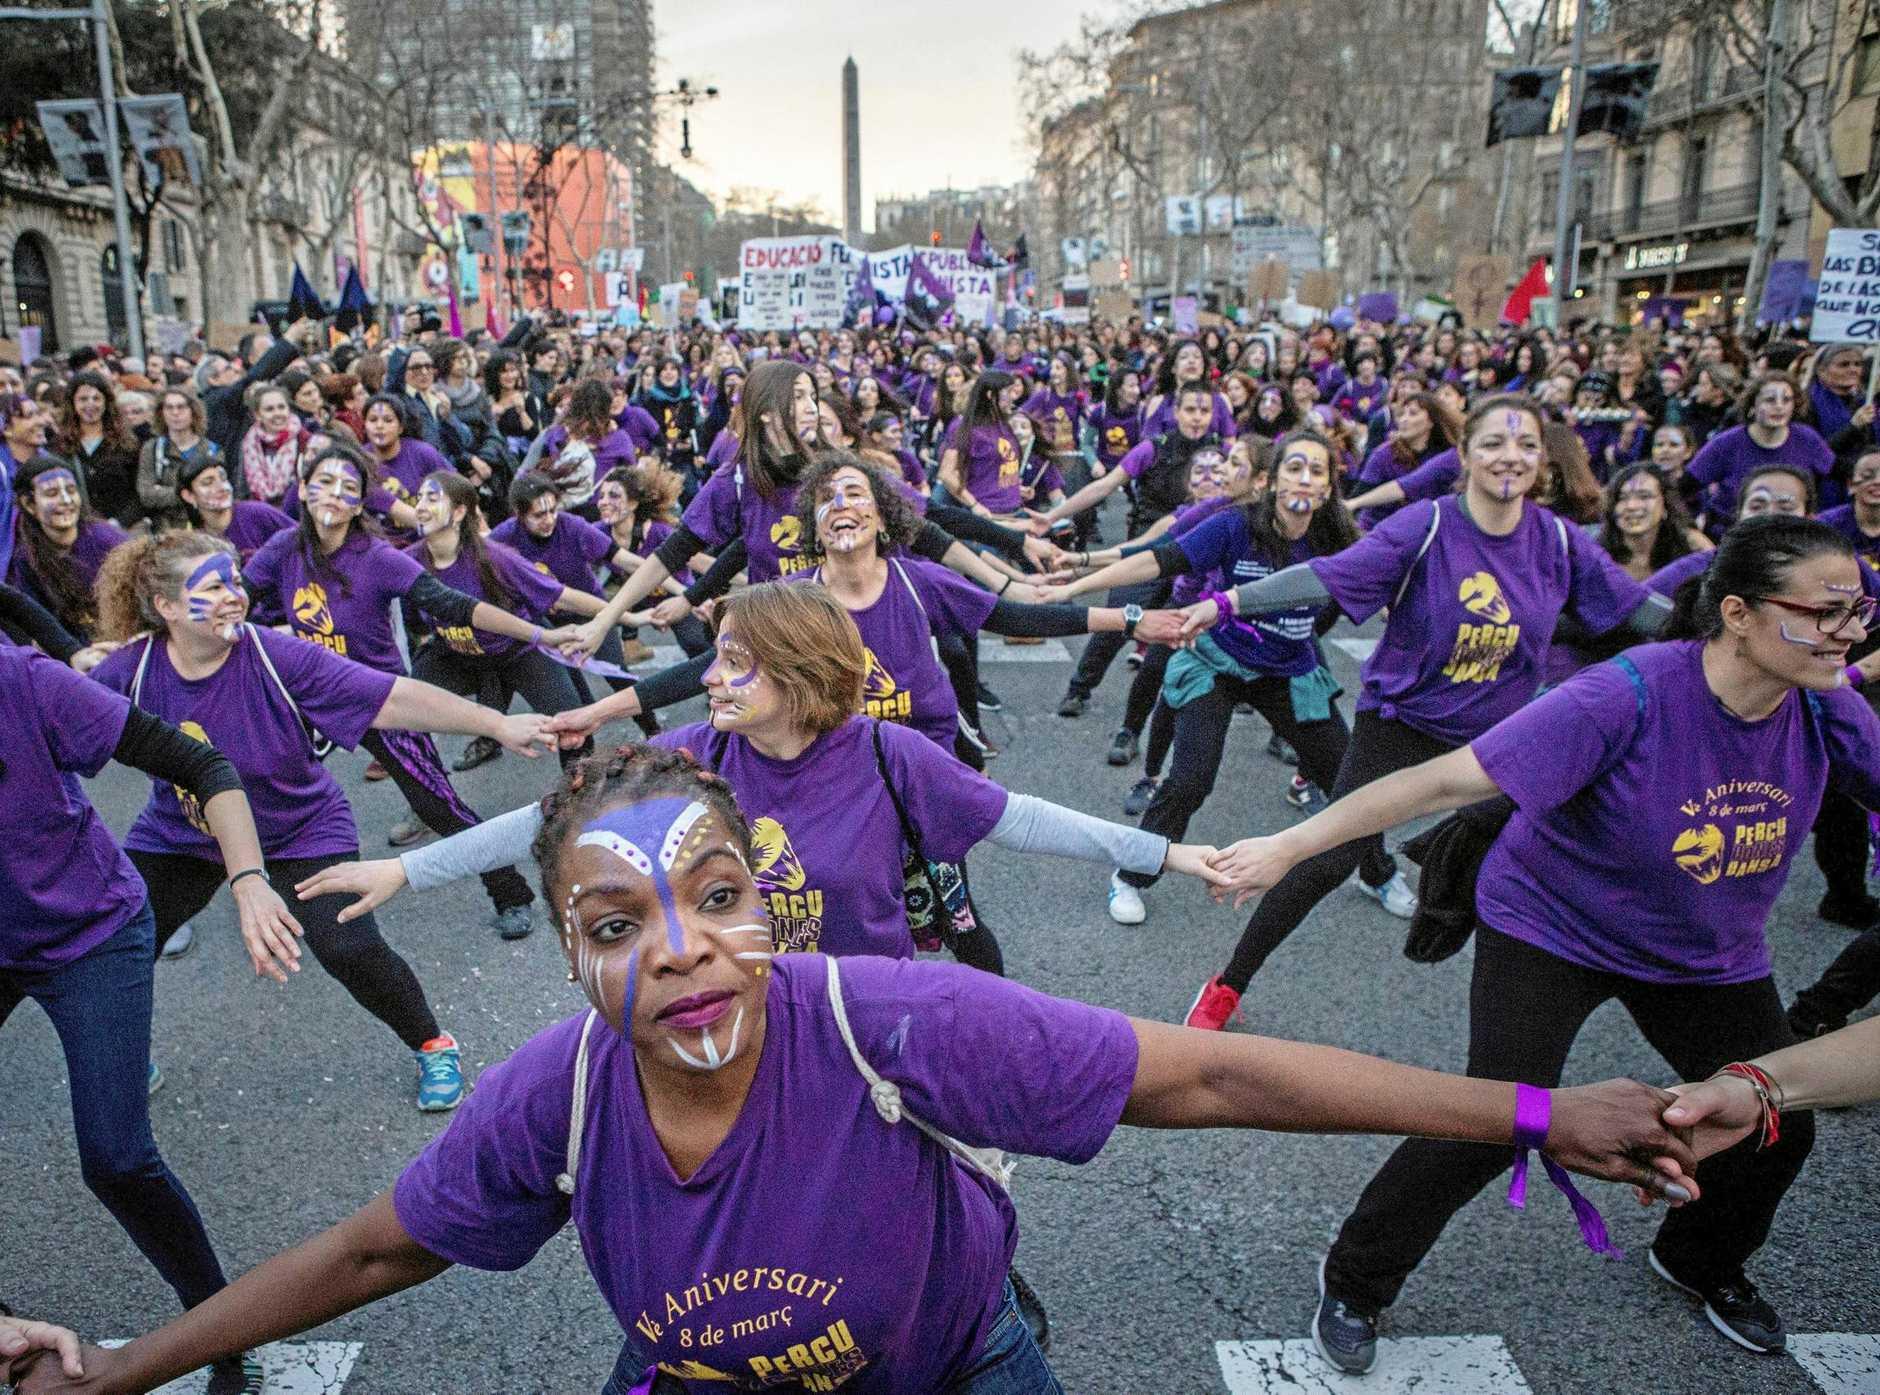 Women take part in a rally on International Women's Day in downtown Barcelona, northeastern Spain.